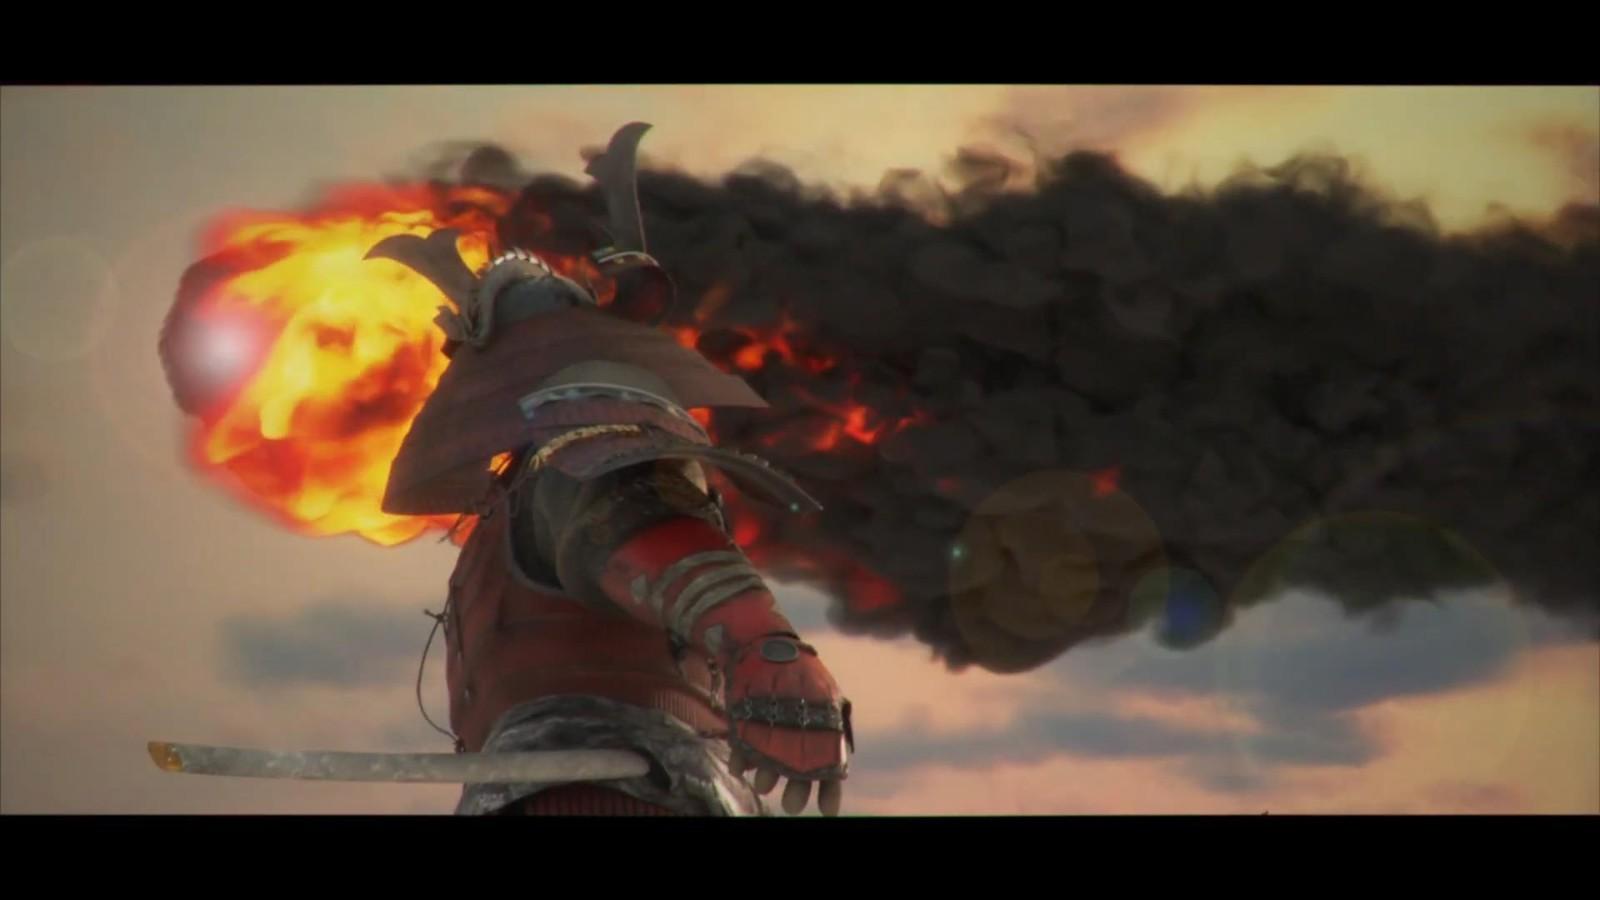 魂类动作游戏《武士模拟器》预告 体验日本武士一生